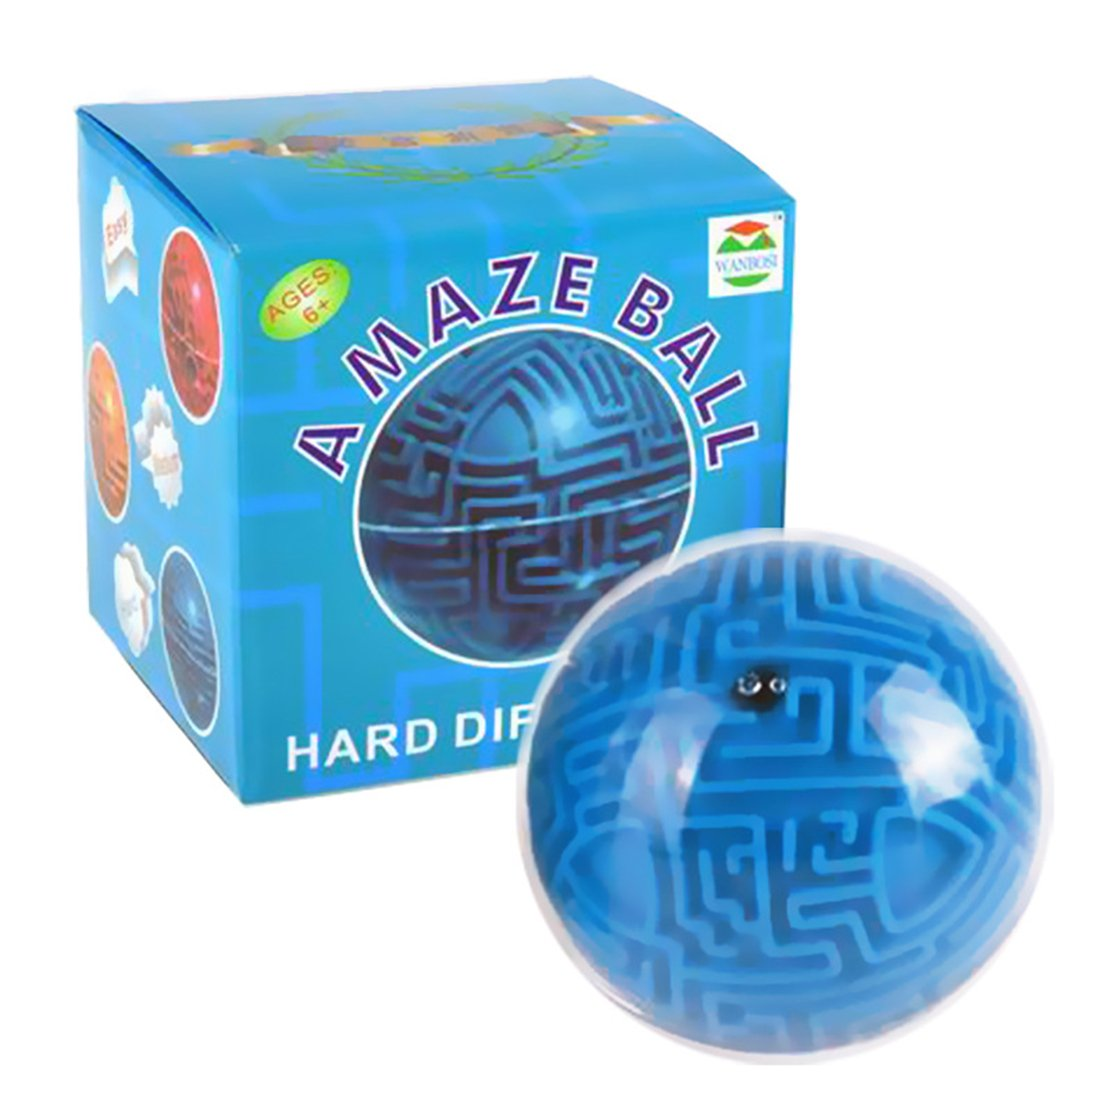 ブランド品専門の nextnol 3d 3d nextnol Magic迷路パズルボール教育バランスFidgetおもちゃパズルゲーム子供大人ギフトブルー B077JL47ZV B077JL47ZV, 直輸入SHOP e-コレクション:8ffb8963 --- clubavenue.eu